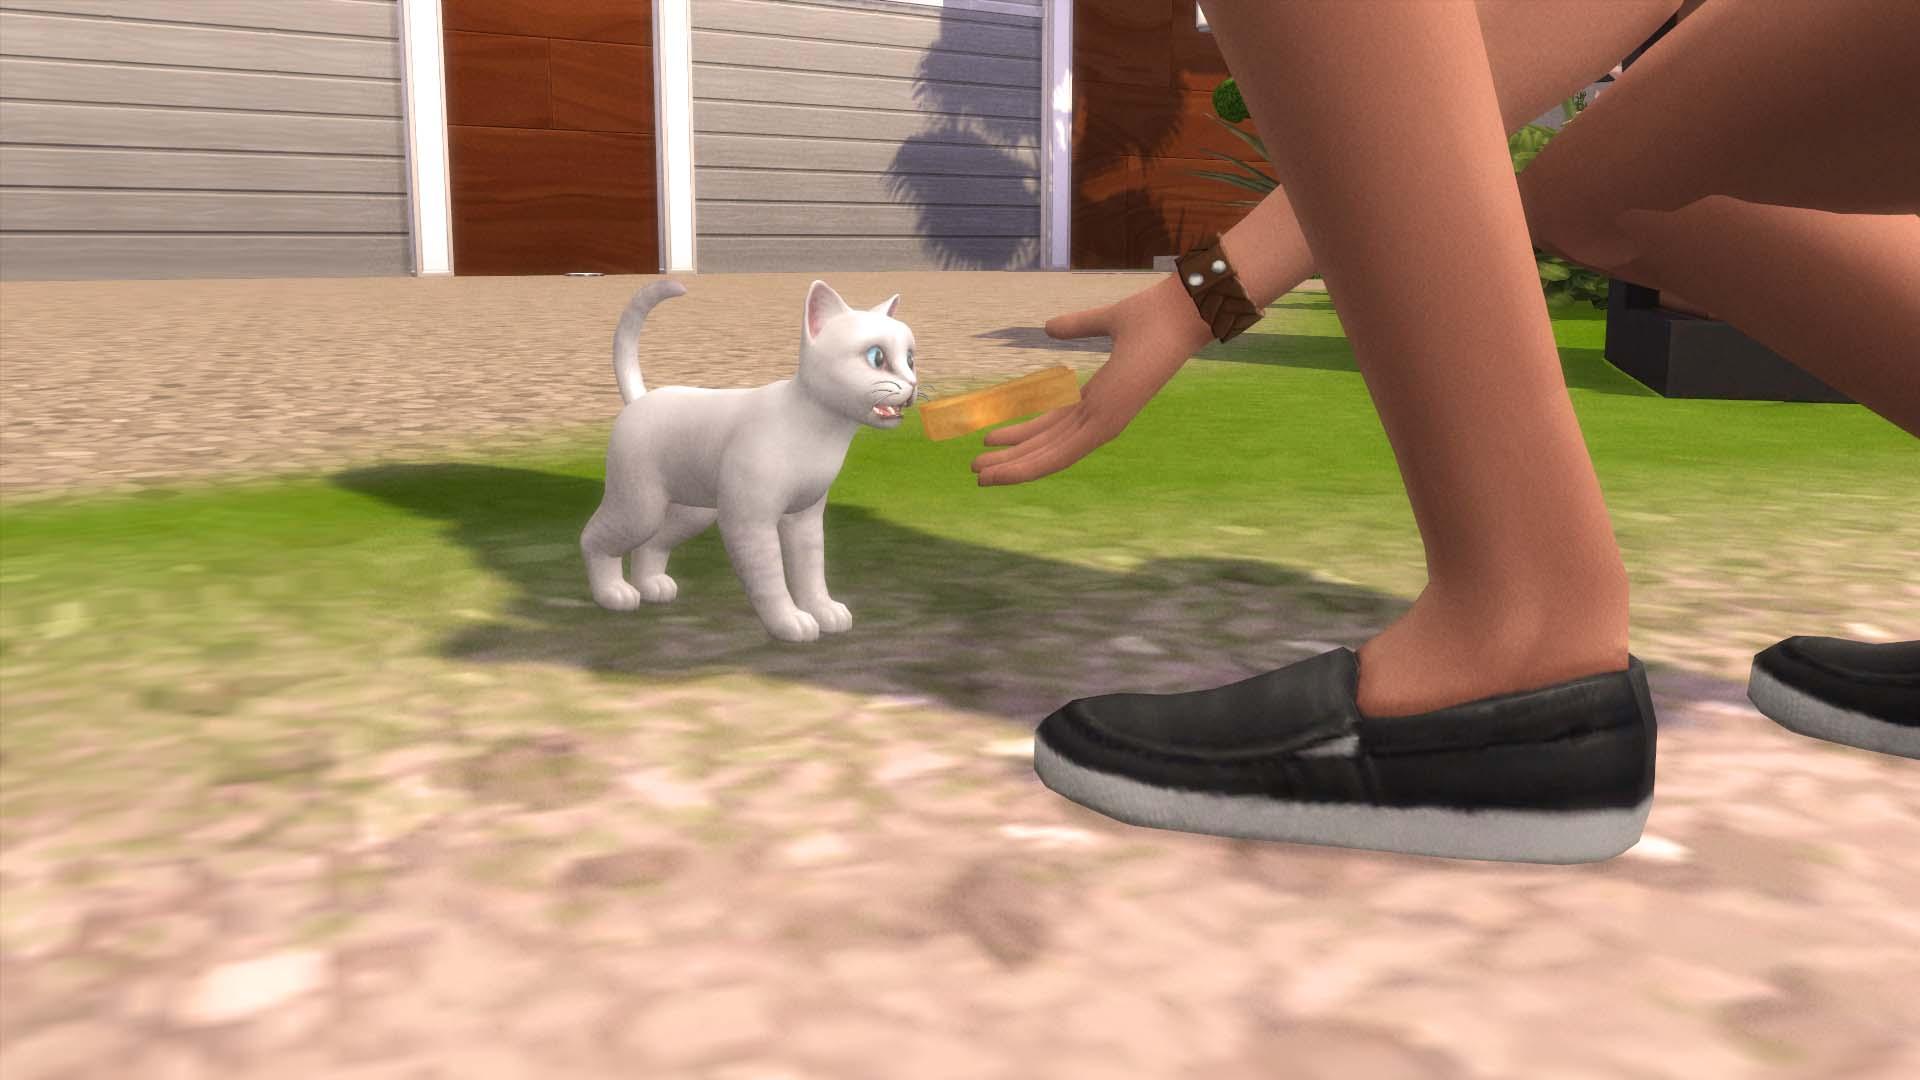 Los gatitos no crecen en Los Sims 4